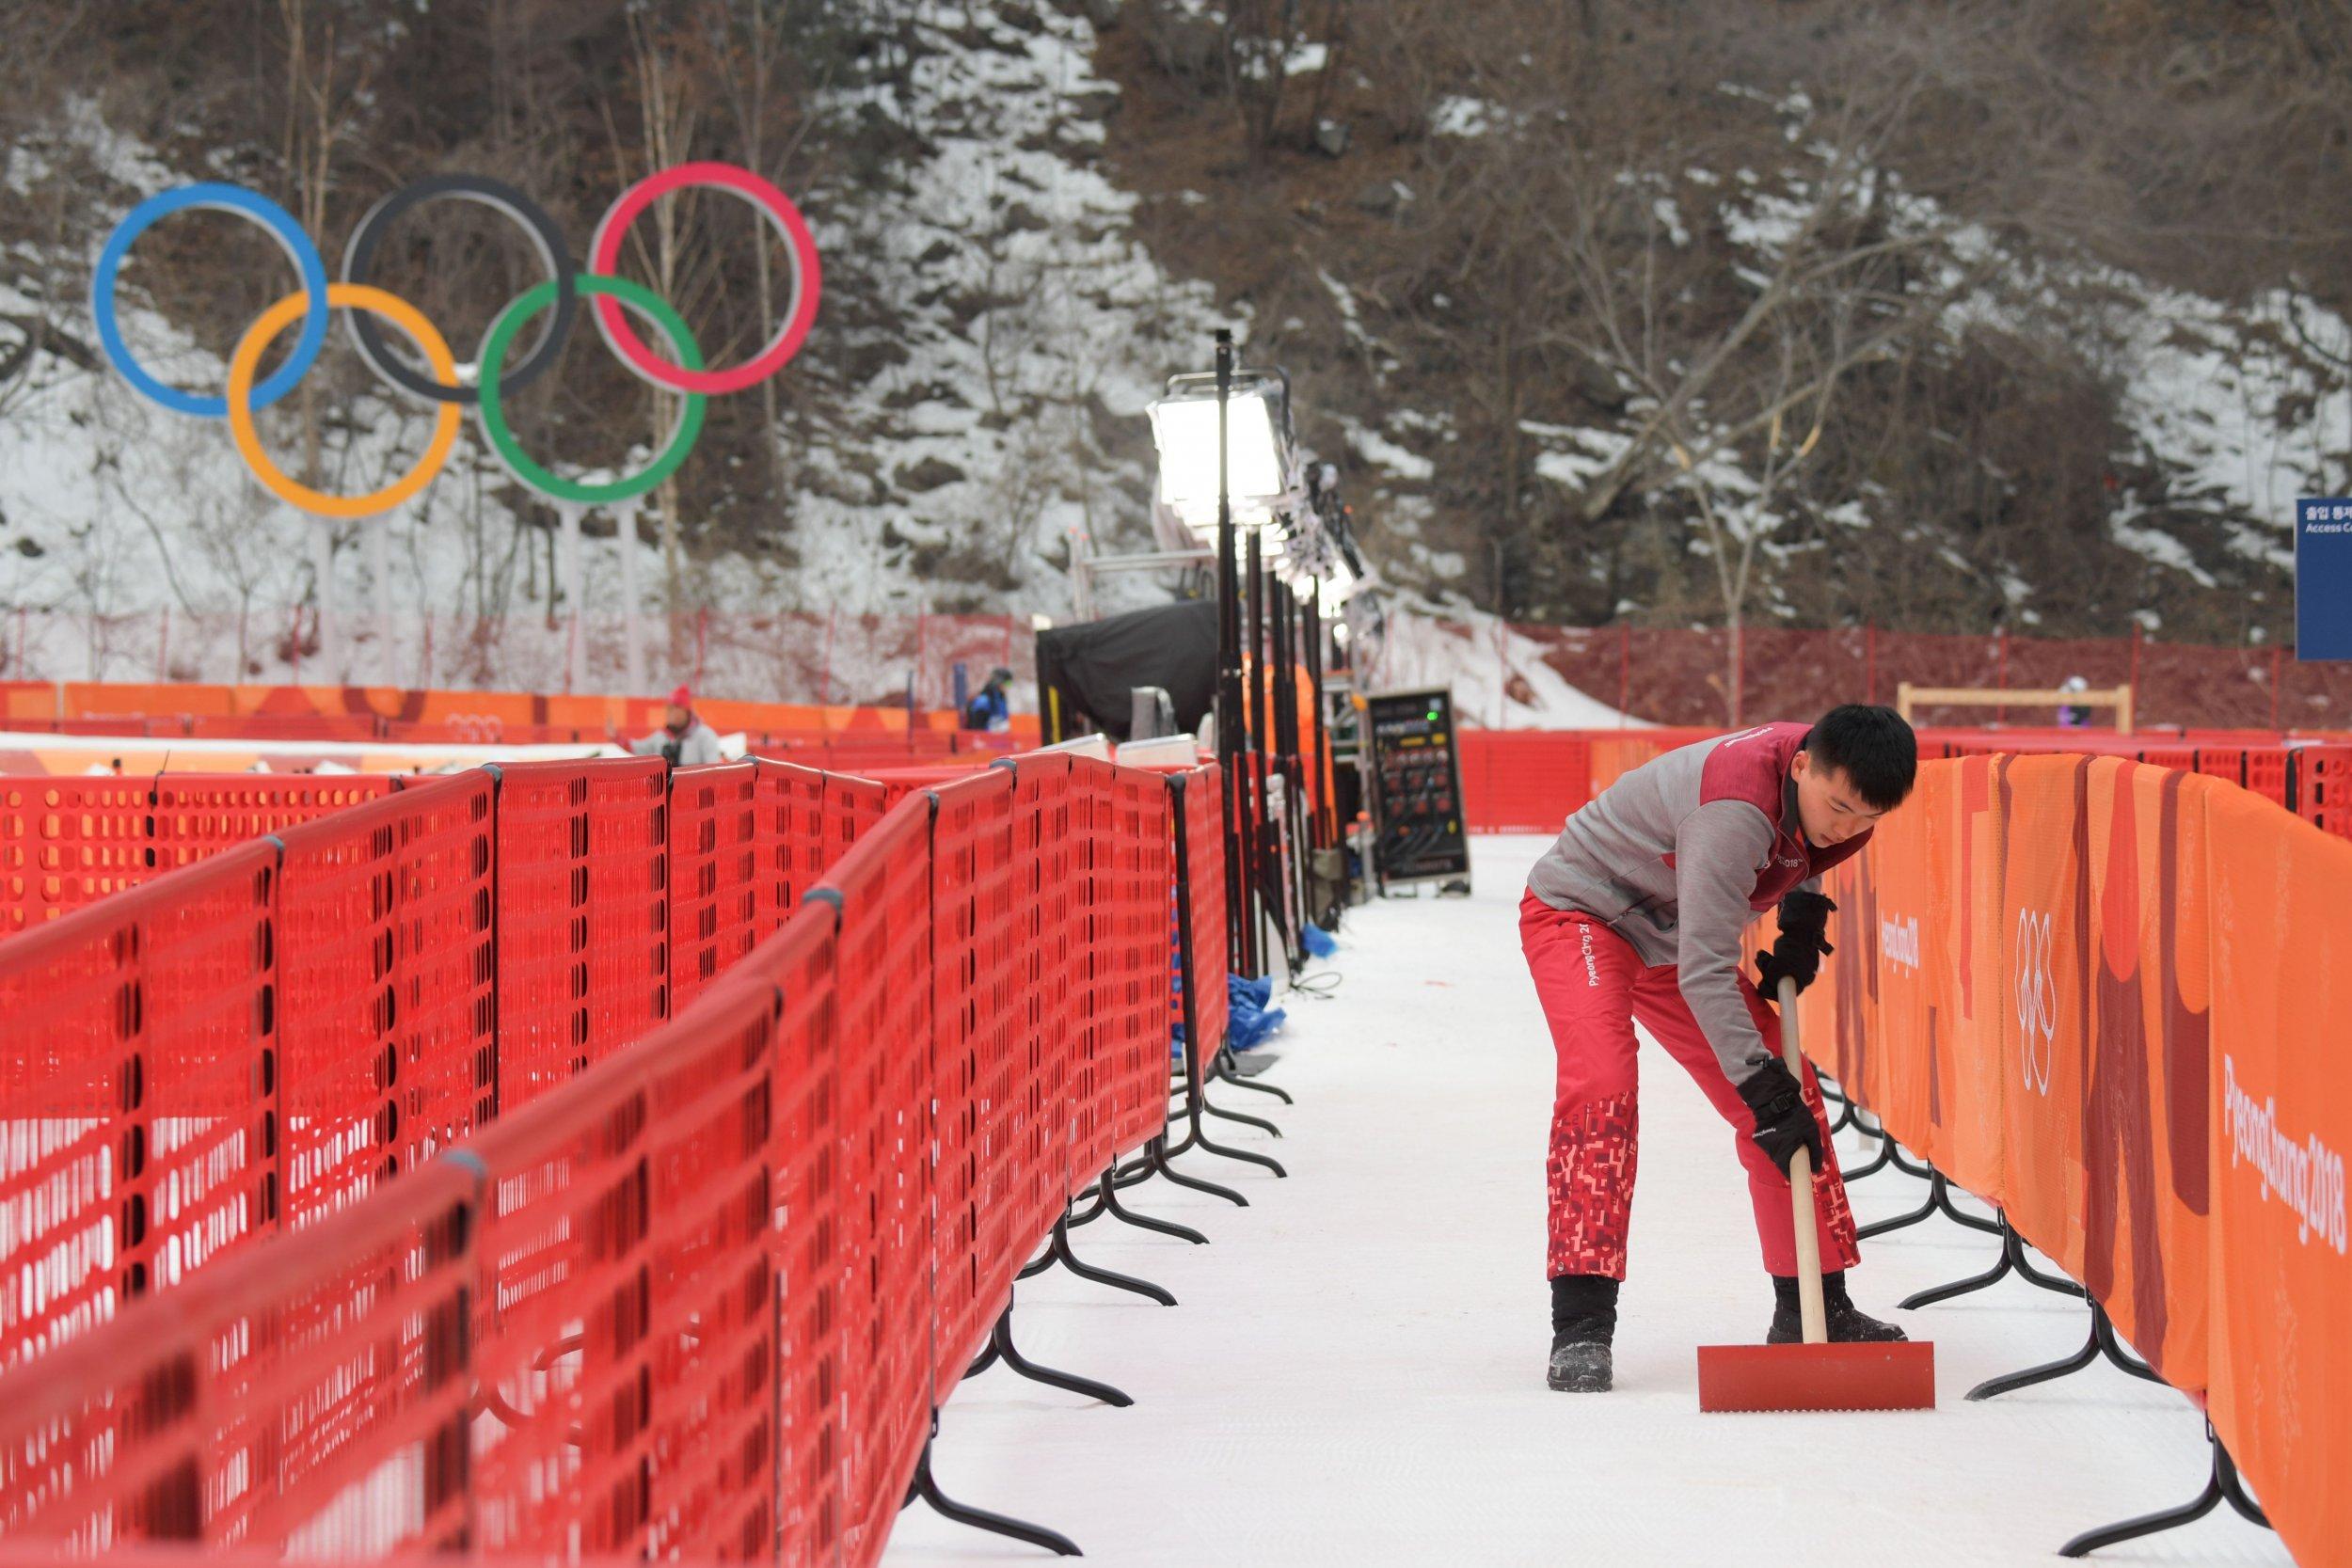 02_09_olympics_pyeongchang_snow